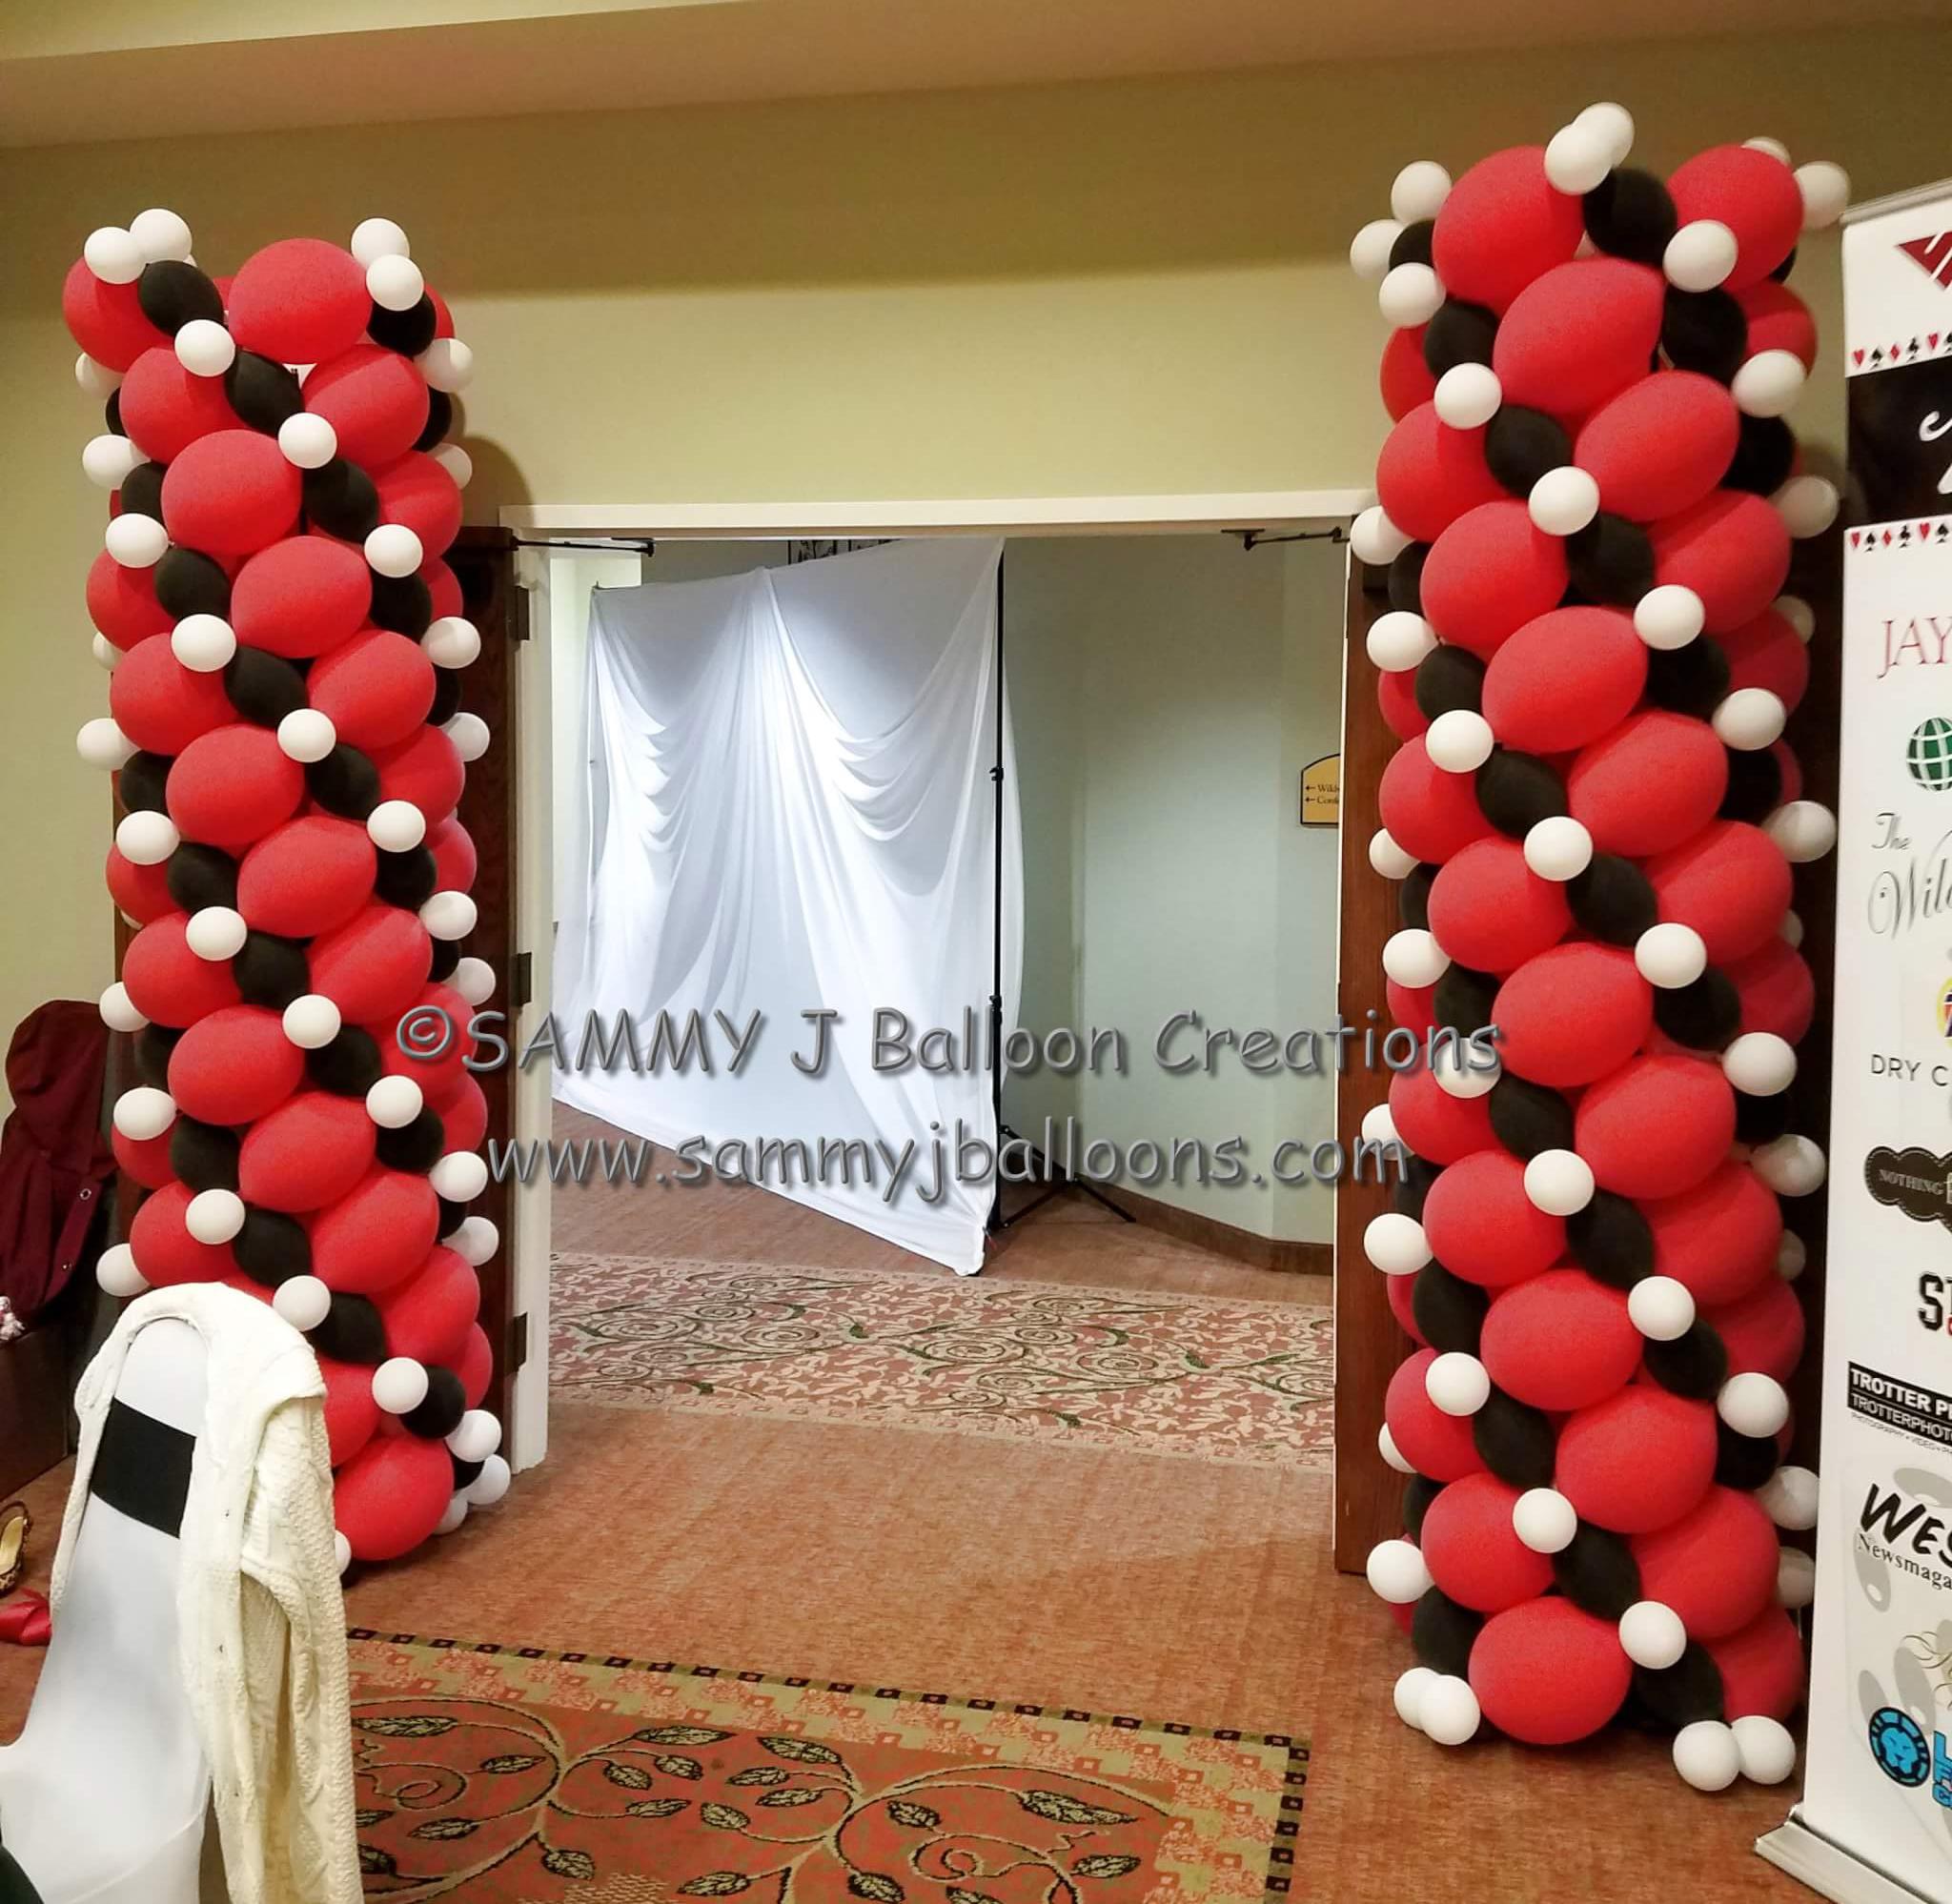 SAMMY J Balloon Creations st louis balloons casino column